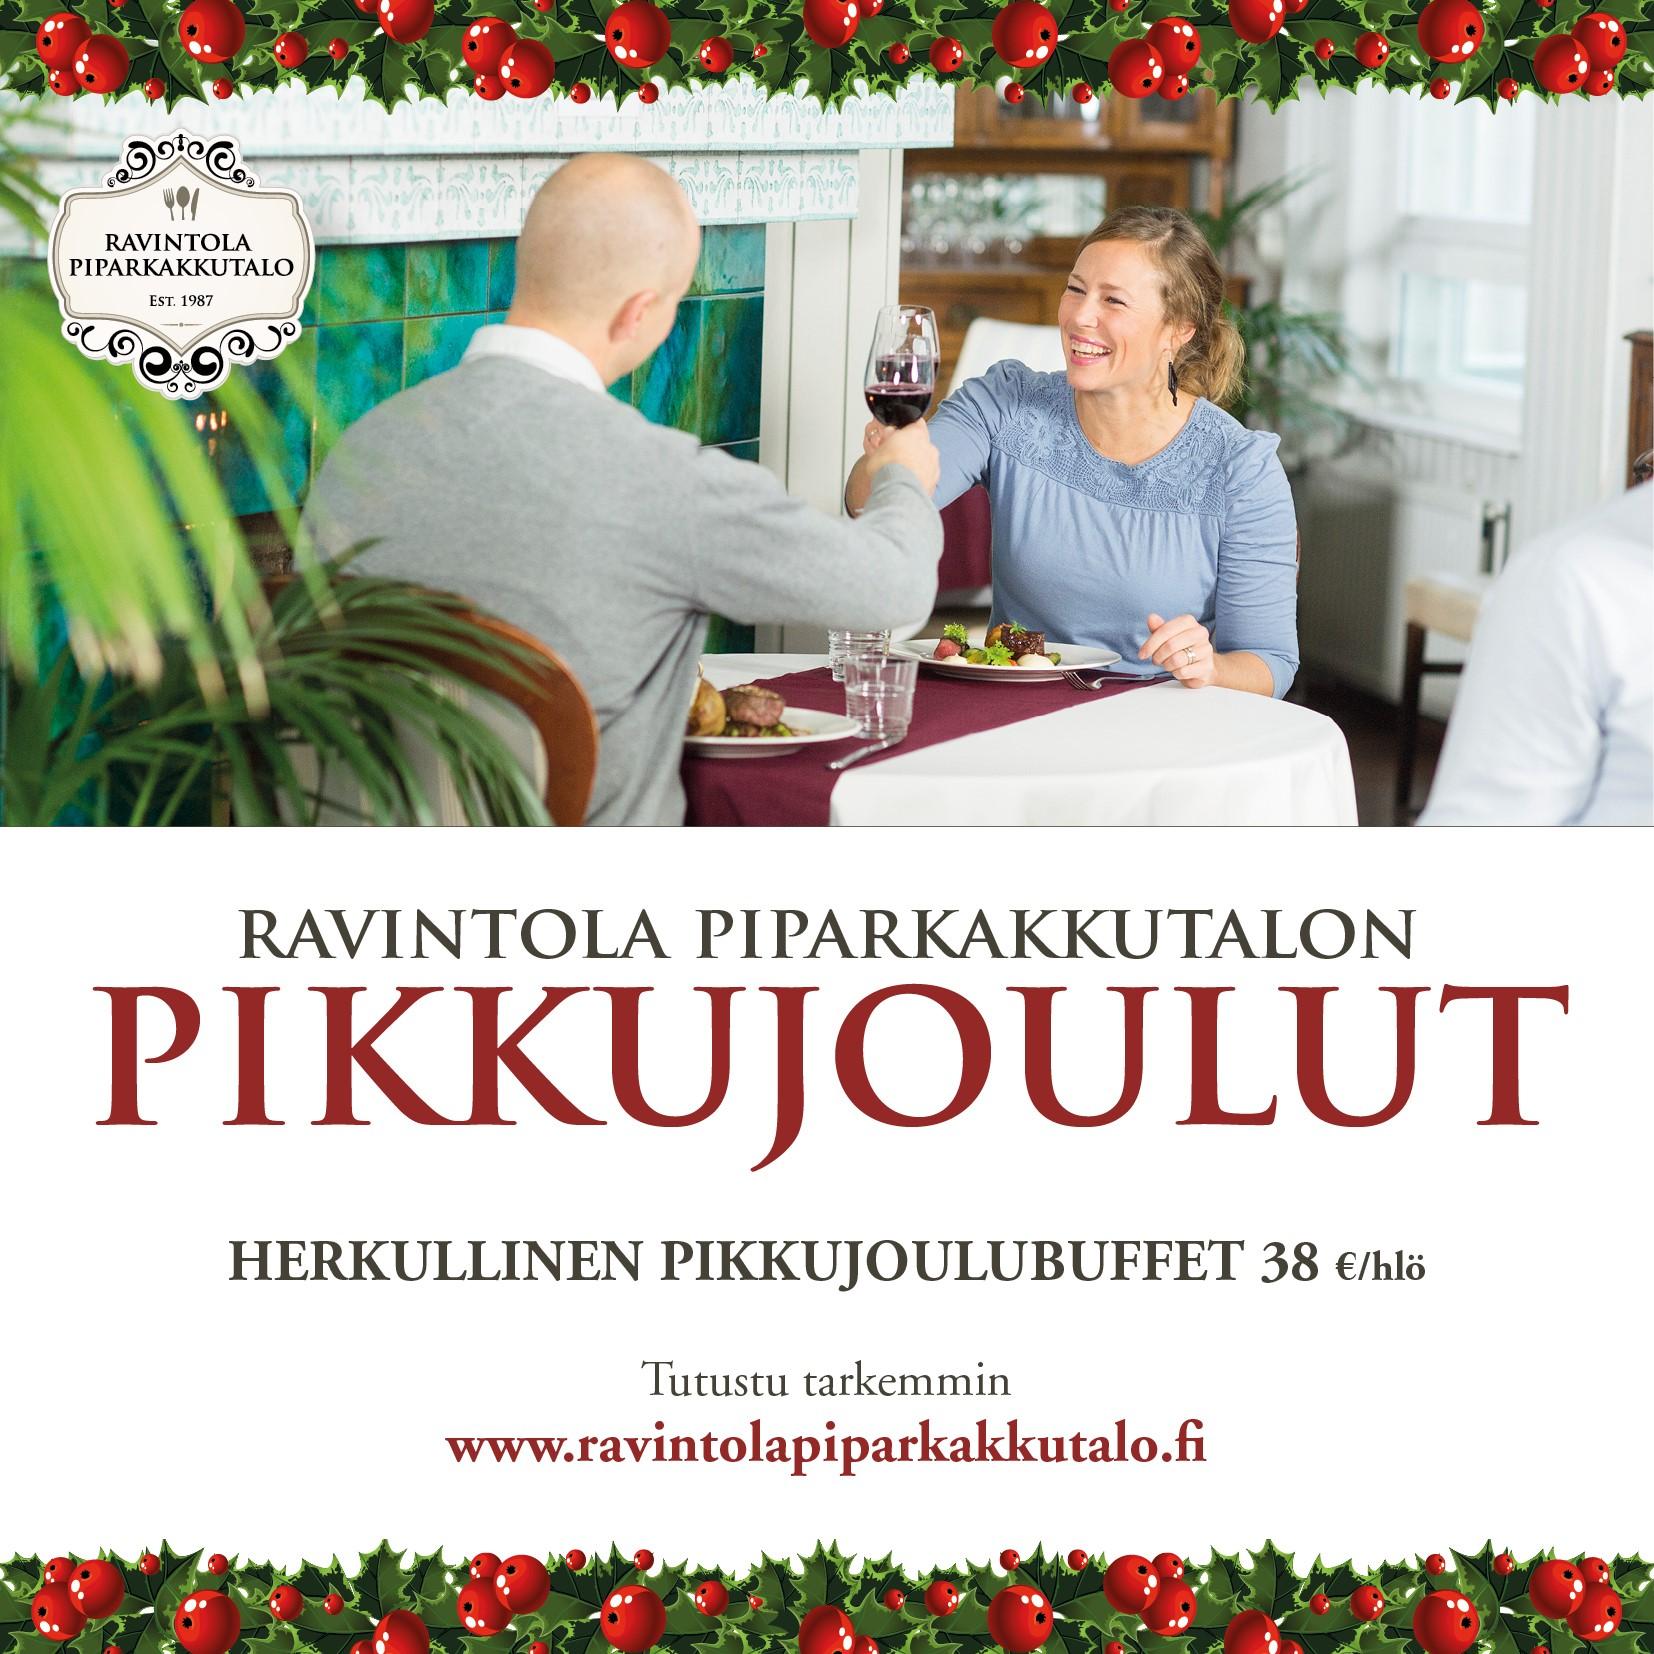 Pikkujoulubuffet 16.11. alkaen - Ravintola Piparkakkutalo